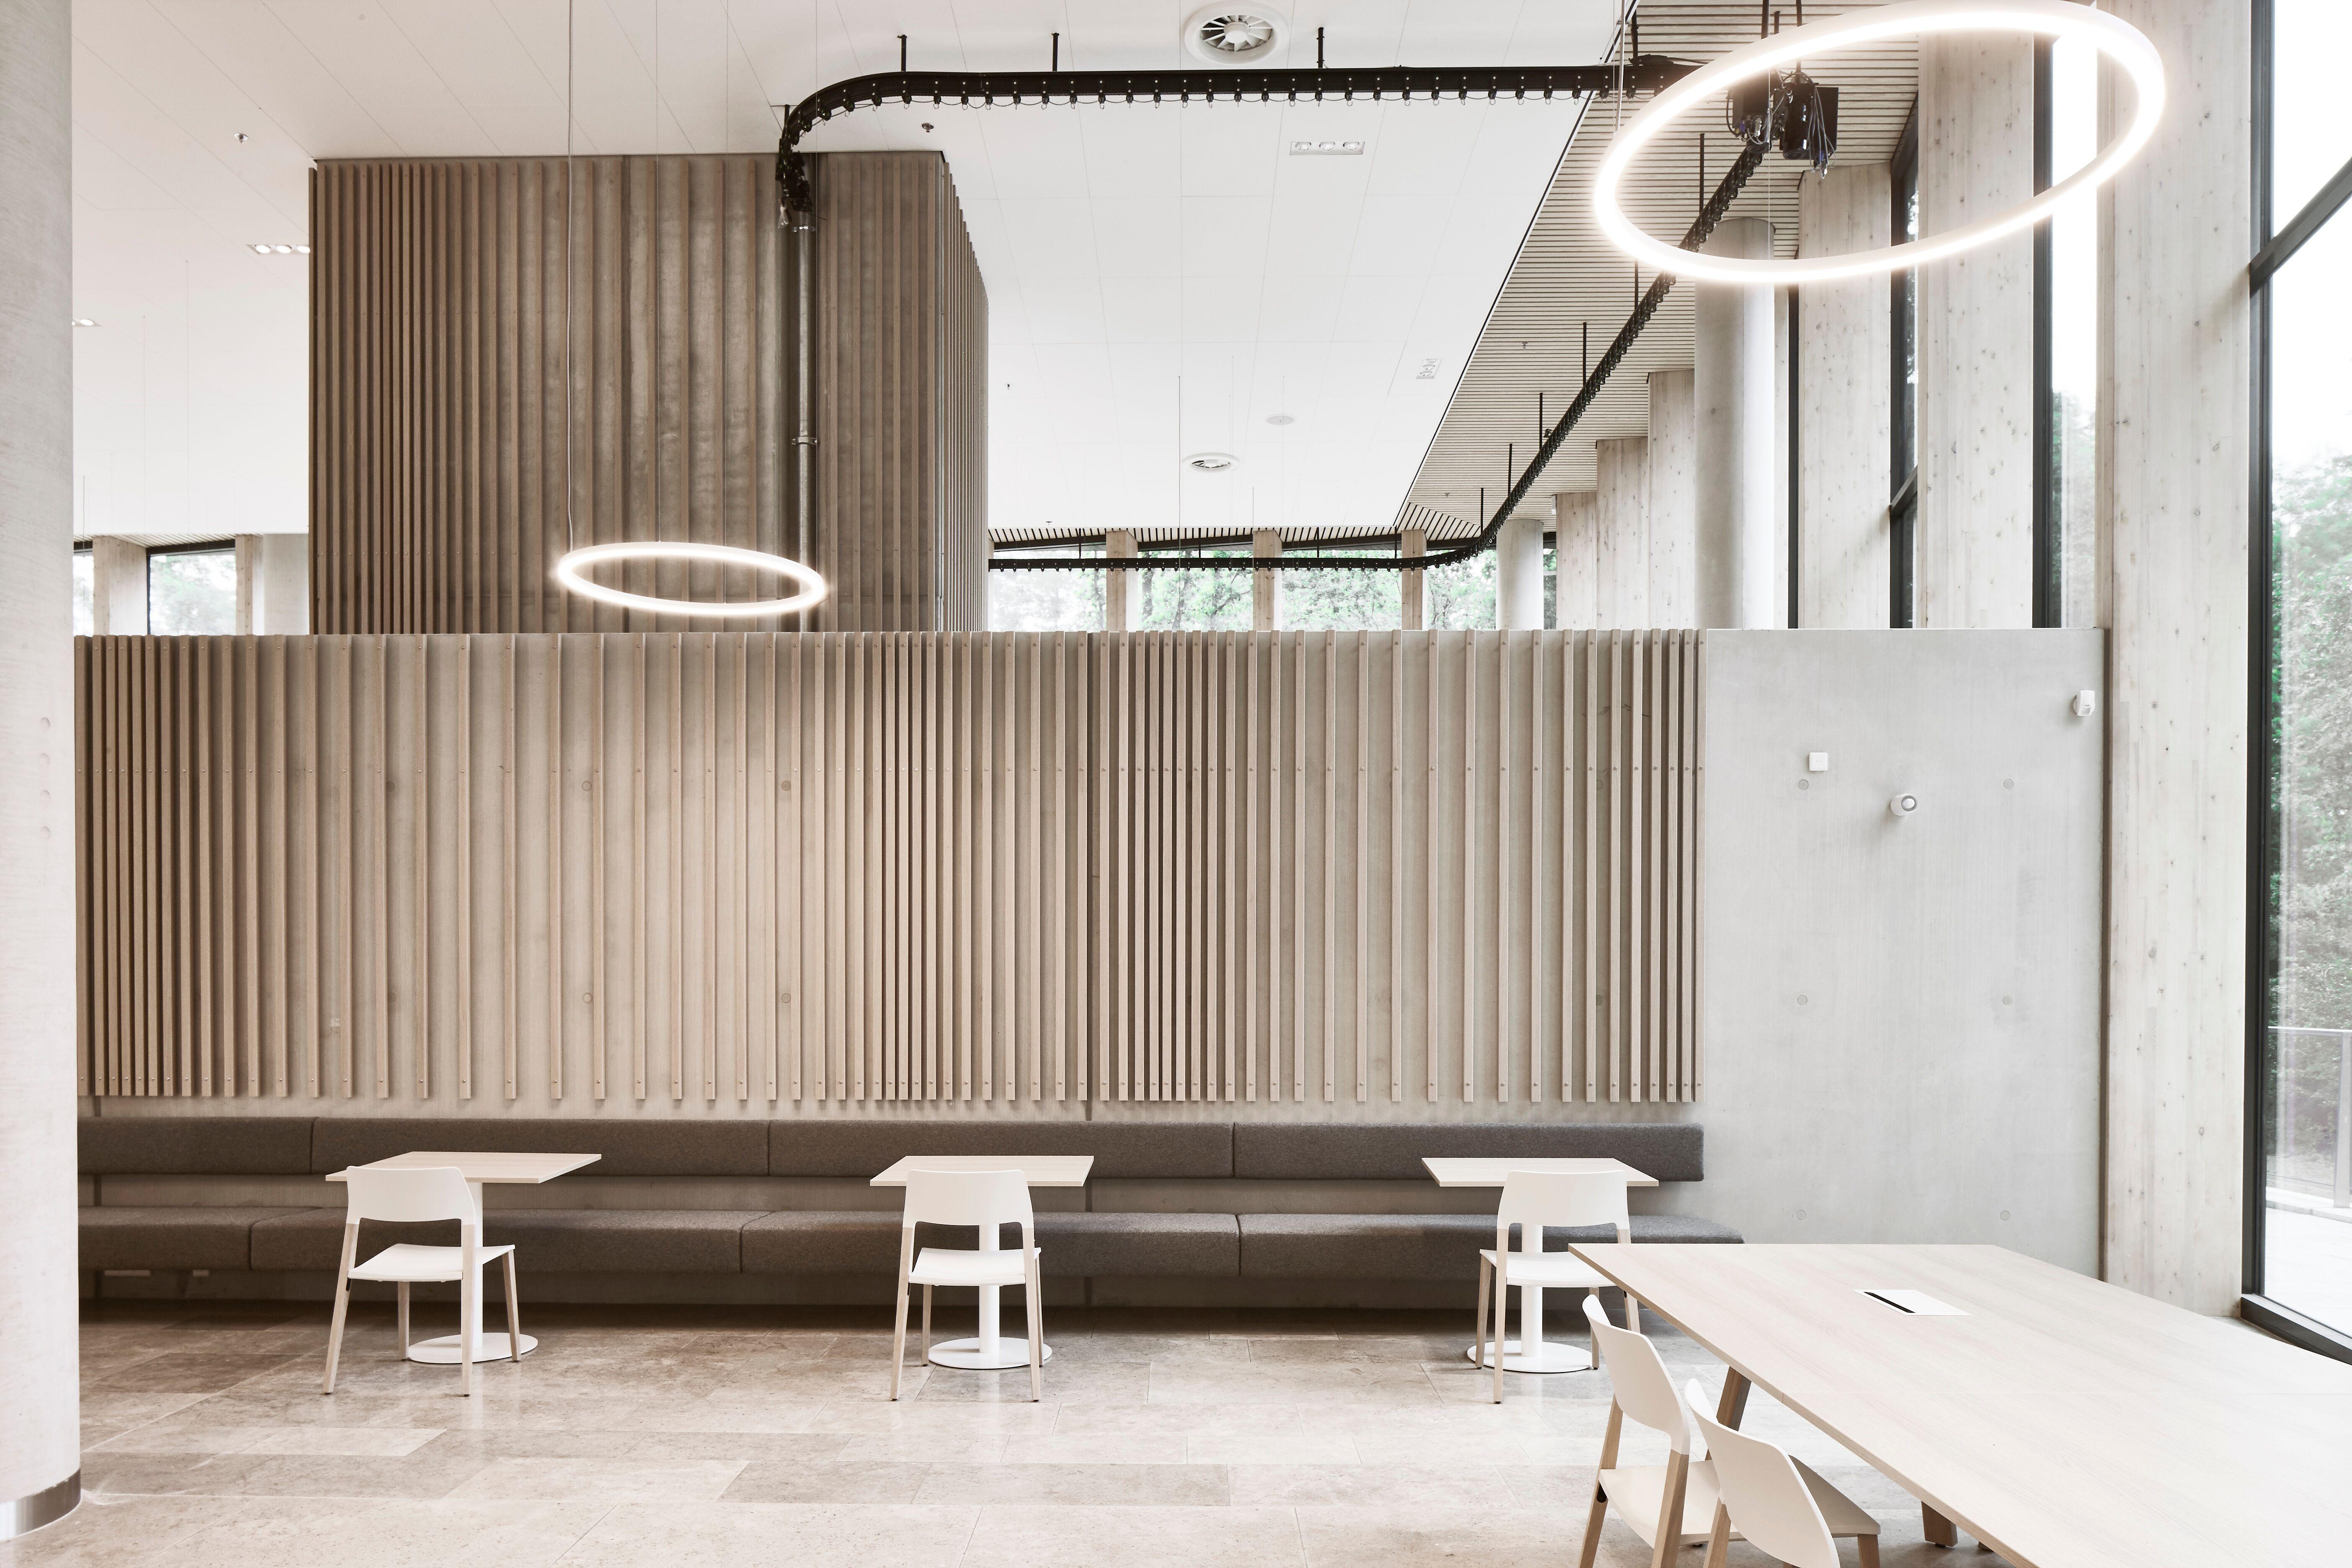 Gispen office project Canon in Venlo interior view MR0112469